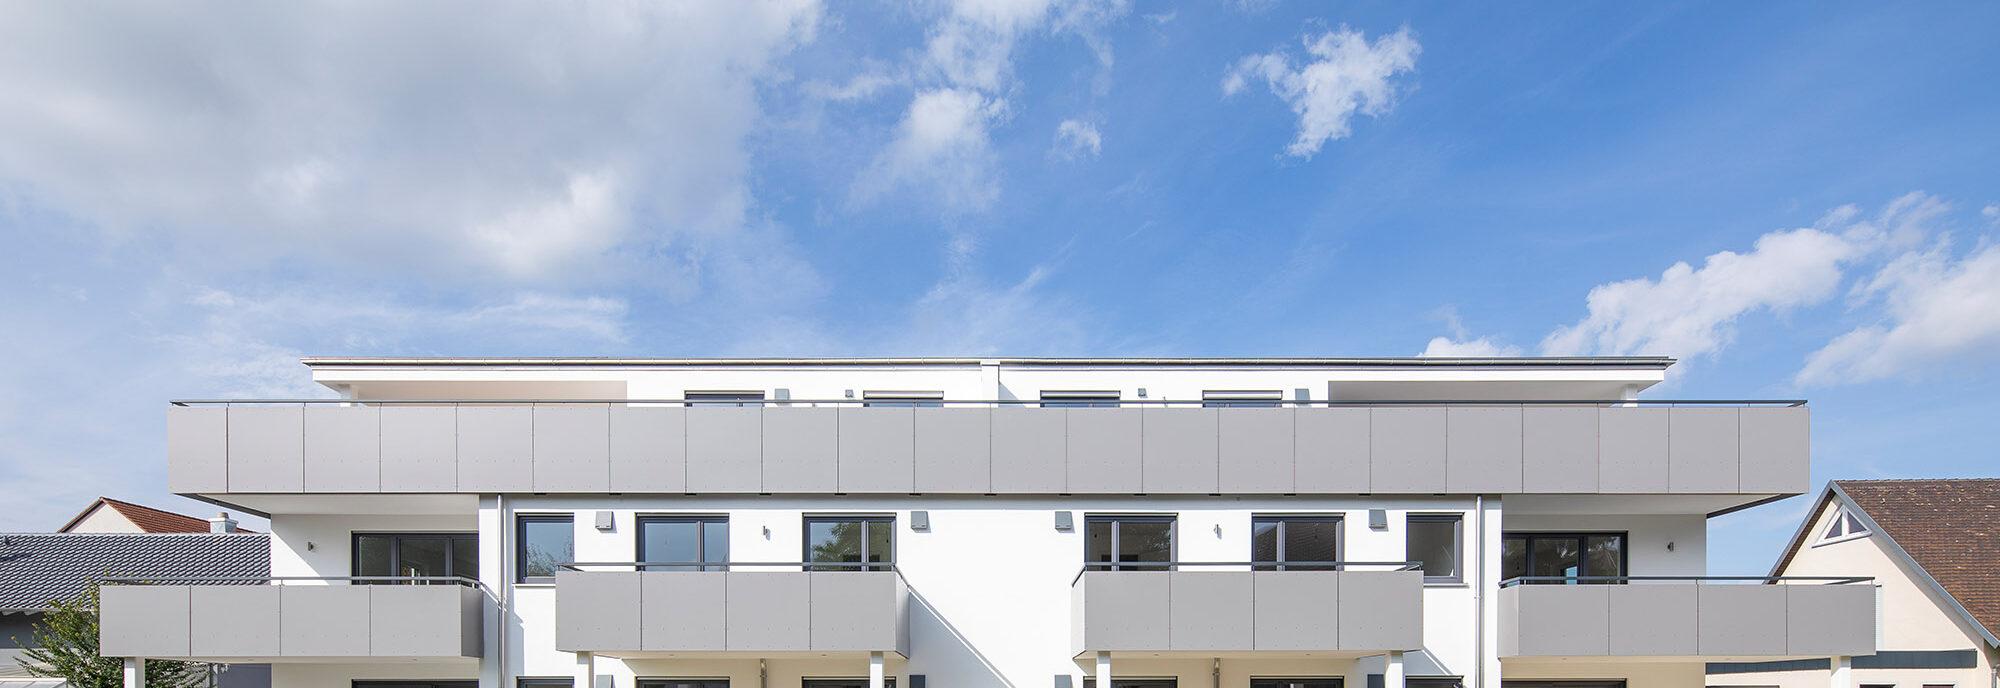 MFH Thurn-und-Taxis-Str. Schwabmünchen - Communis Projektbau